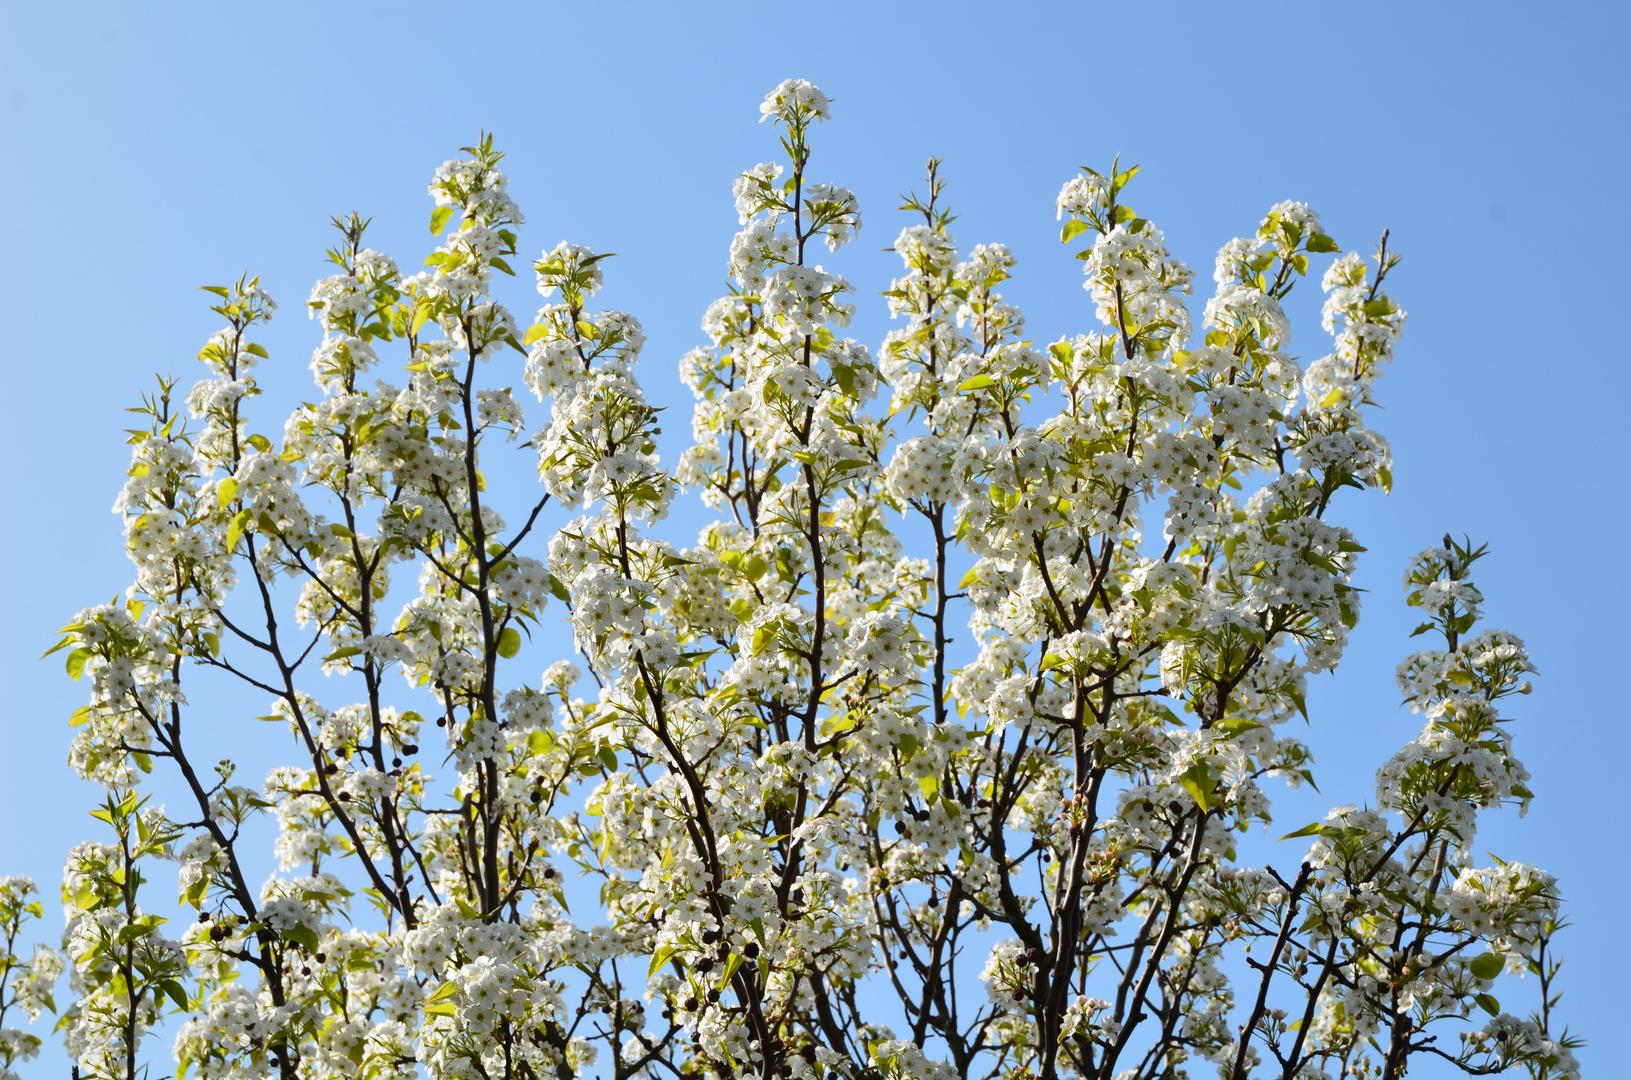 Weißer Baum, Blumen blühen gegen einen leuchtend blauen Himmel.